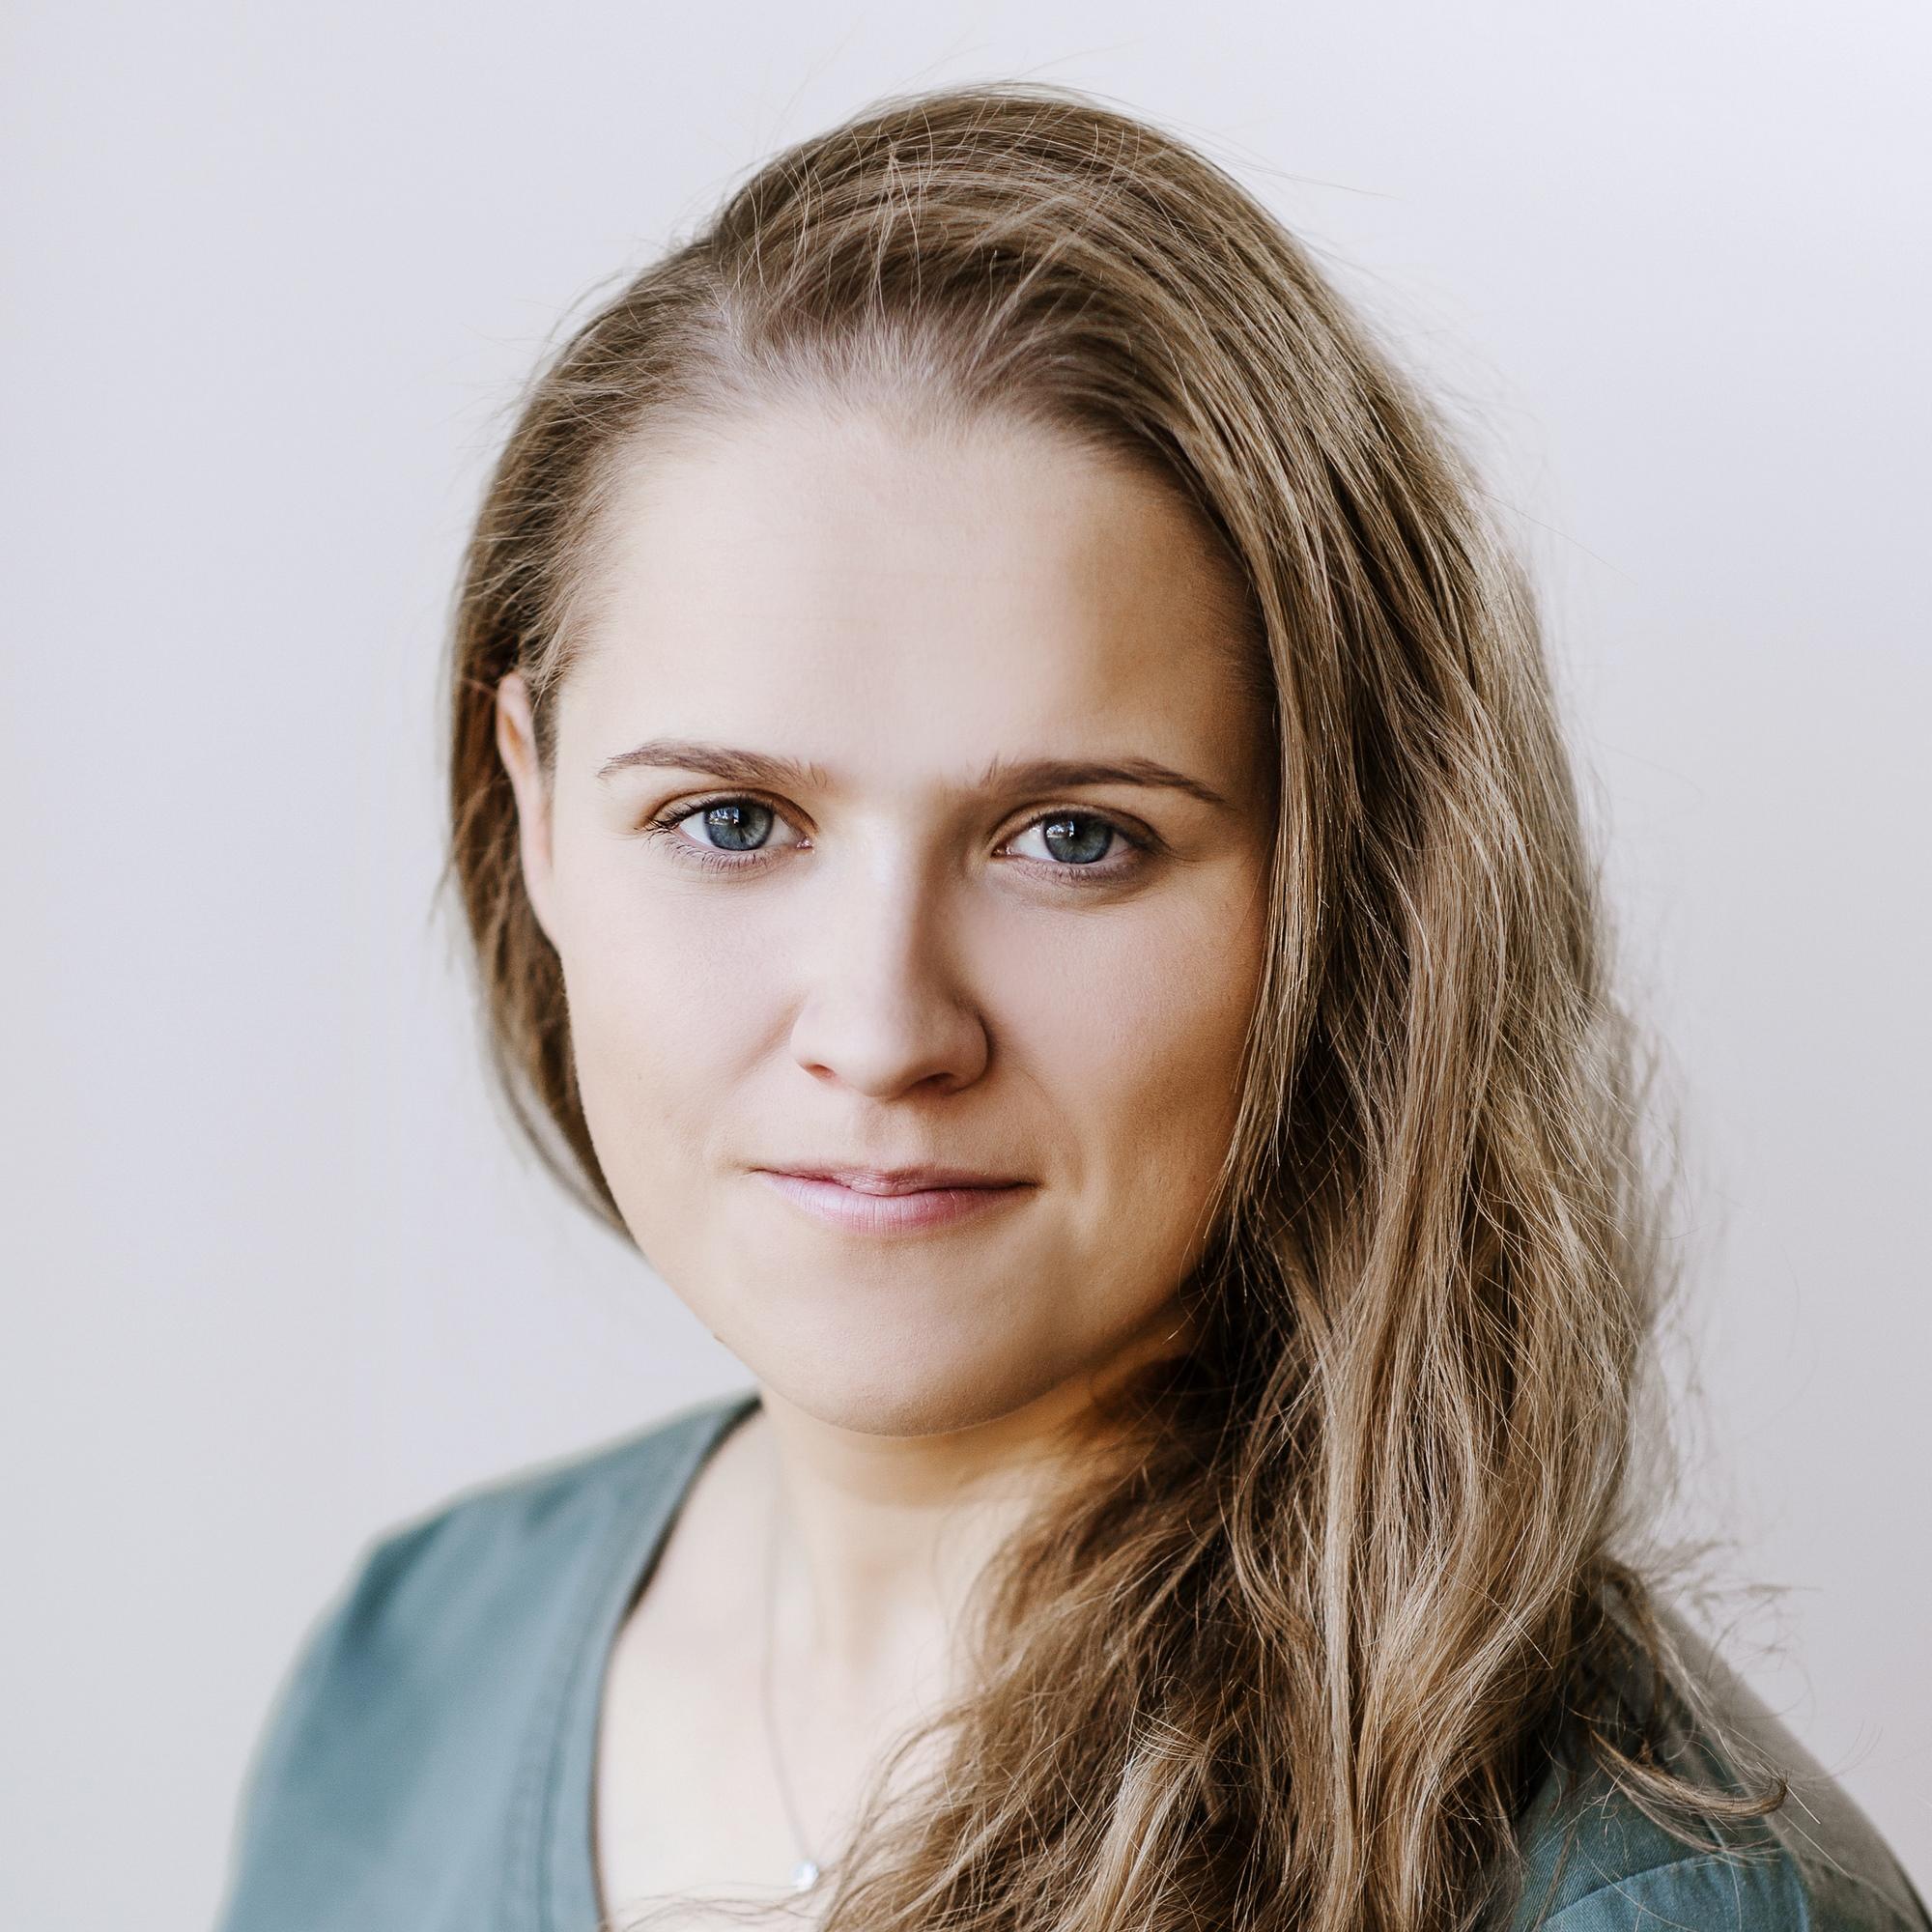 MILDA ŽALONDAUSKIENĖ